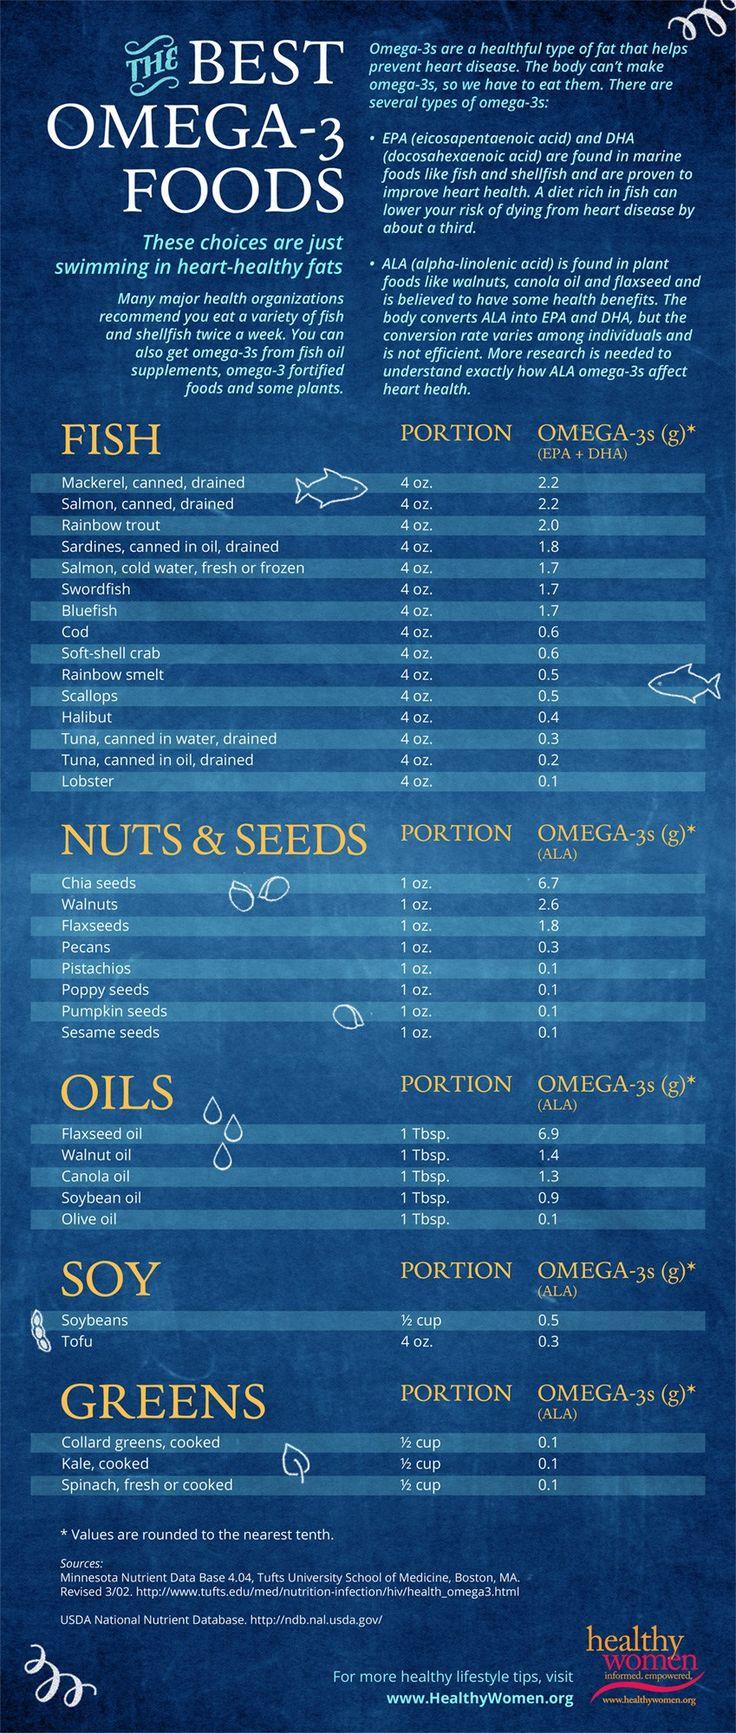 Best Omega-3 Foods